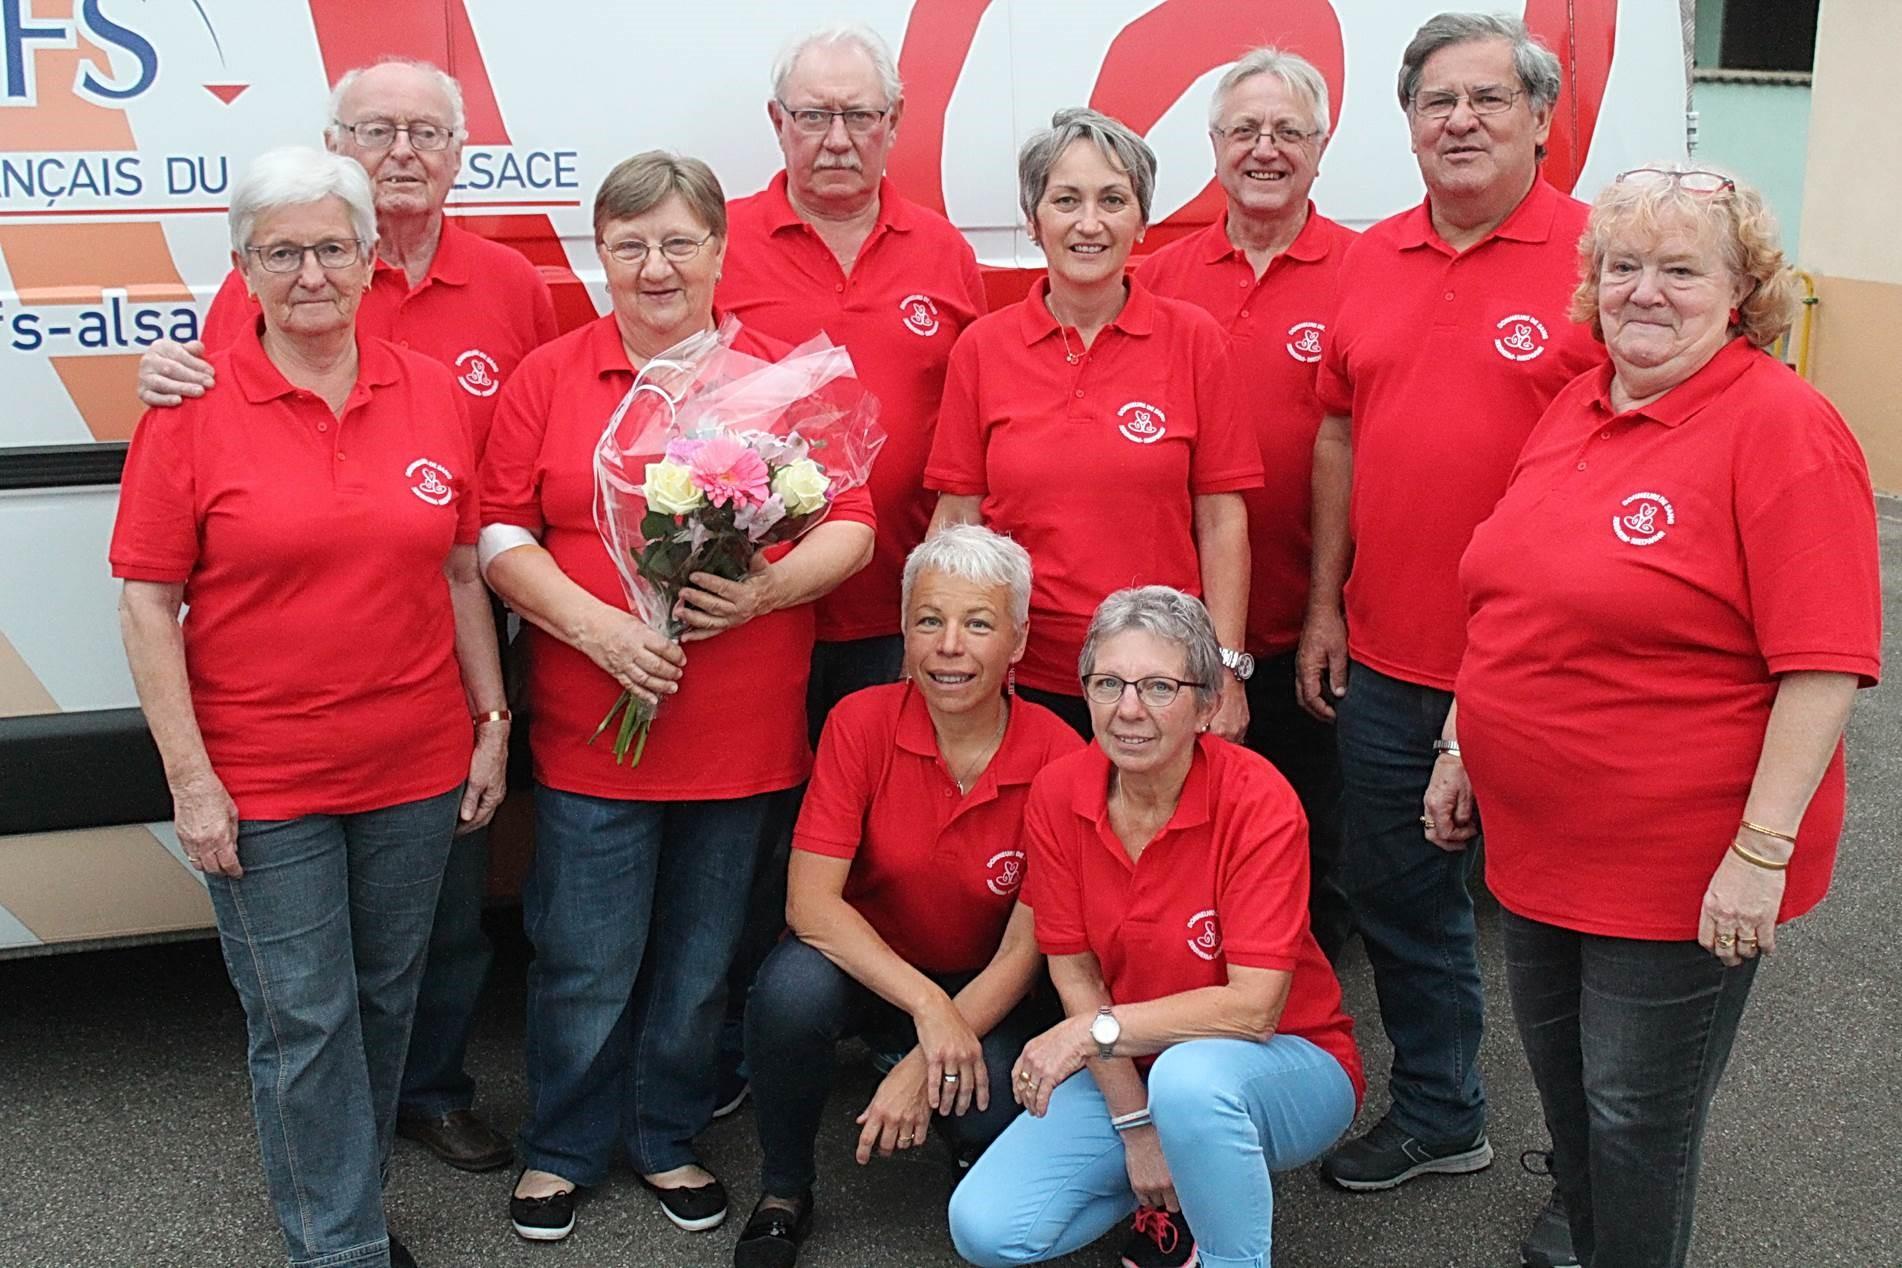 Amicale des Donneurs de Sang Jebsheim - Riedwihr